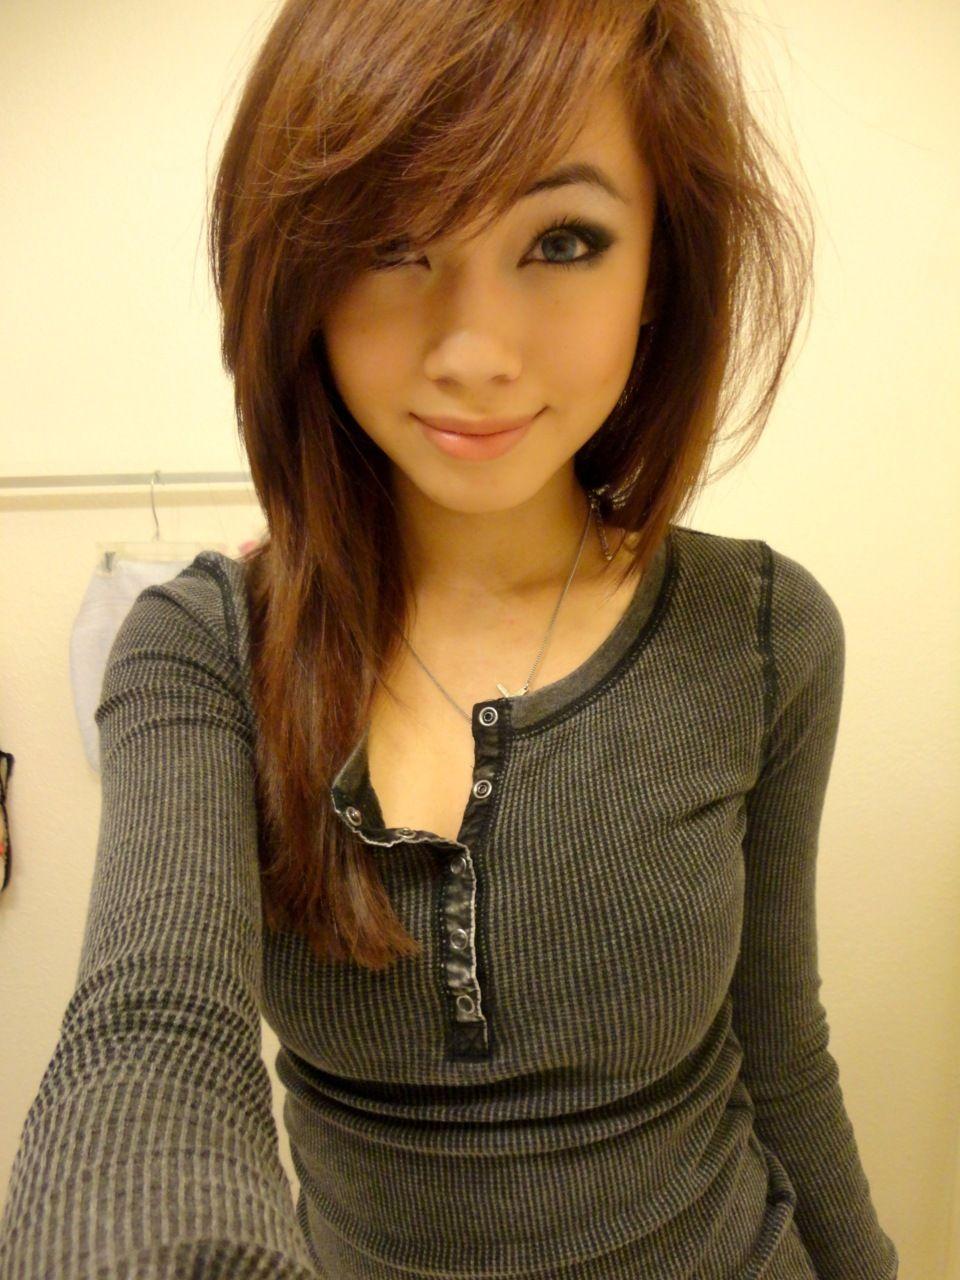 teen cute girls selfies young Asian